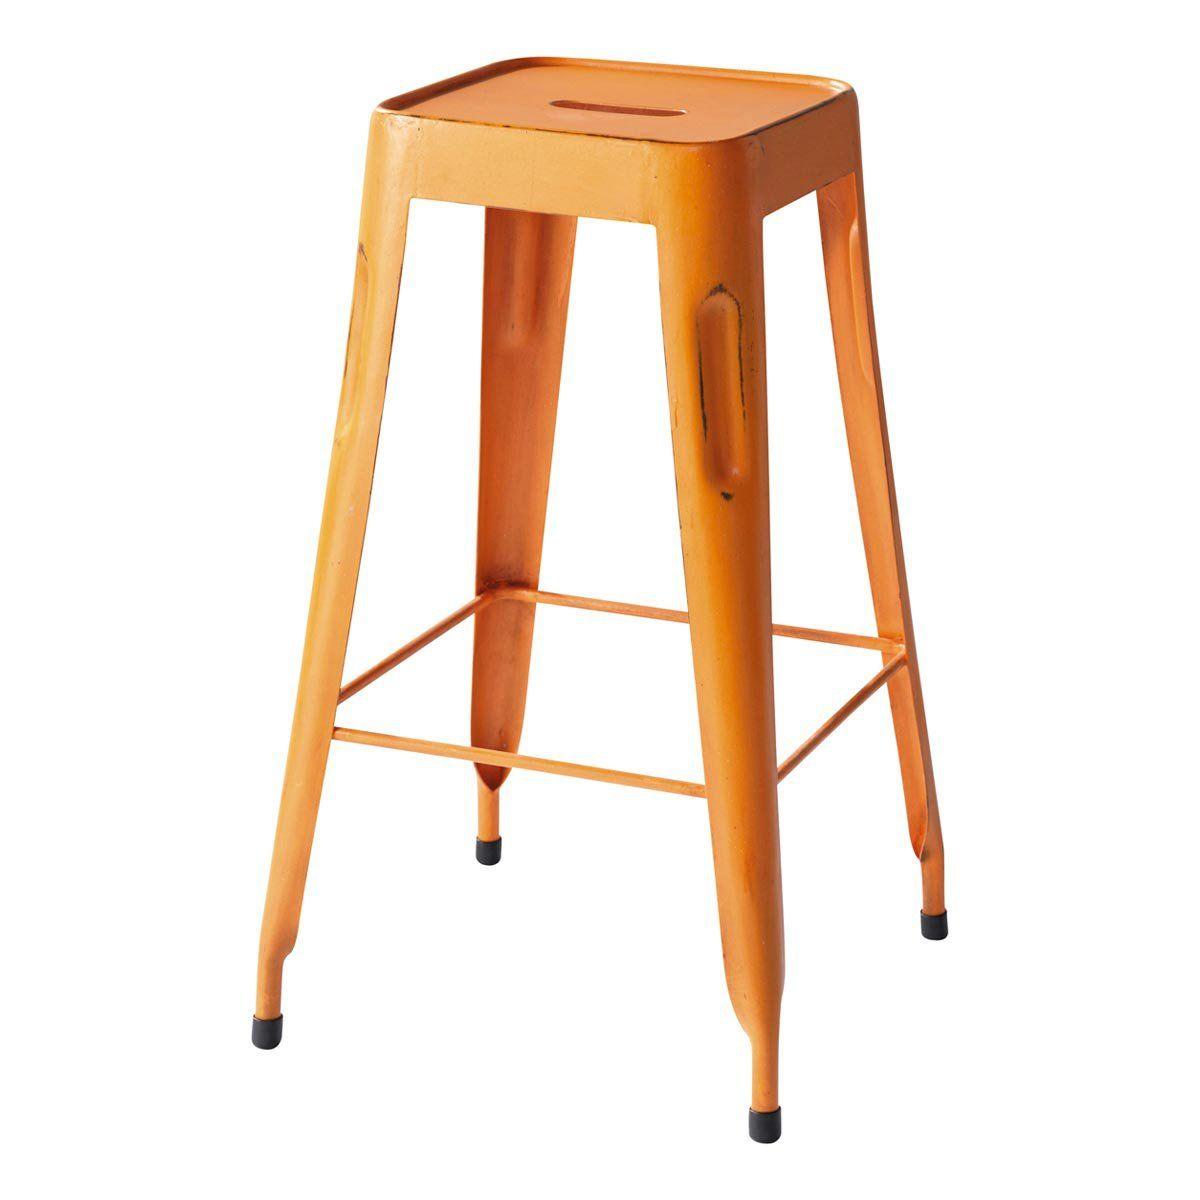 siege maison du monde fauteuil suspendu en rotin chaise suspendu ikea chaise suspendue maison. Black Bedroom Furniture Sets. Home Design Ideas